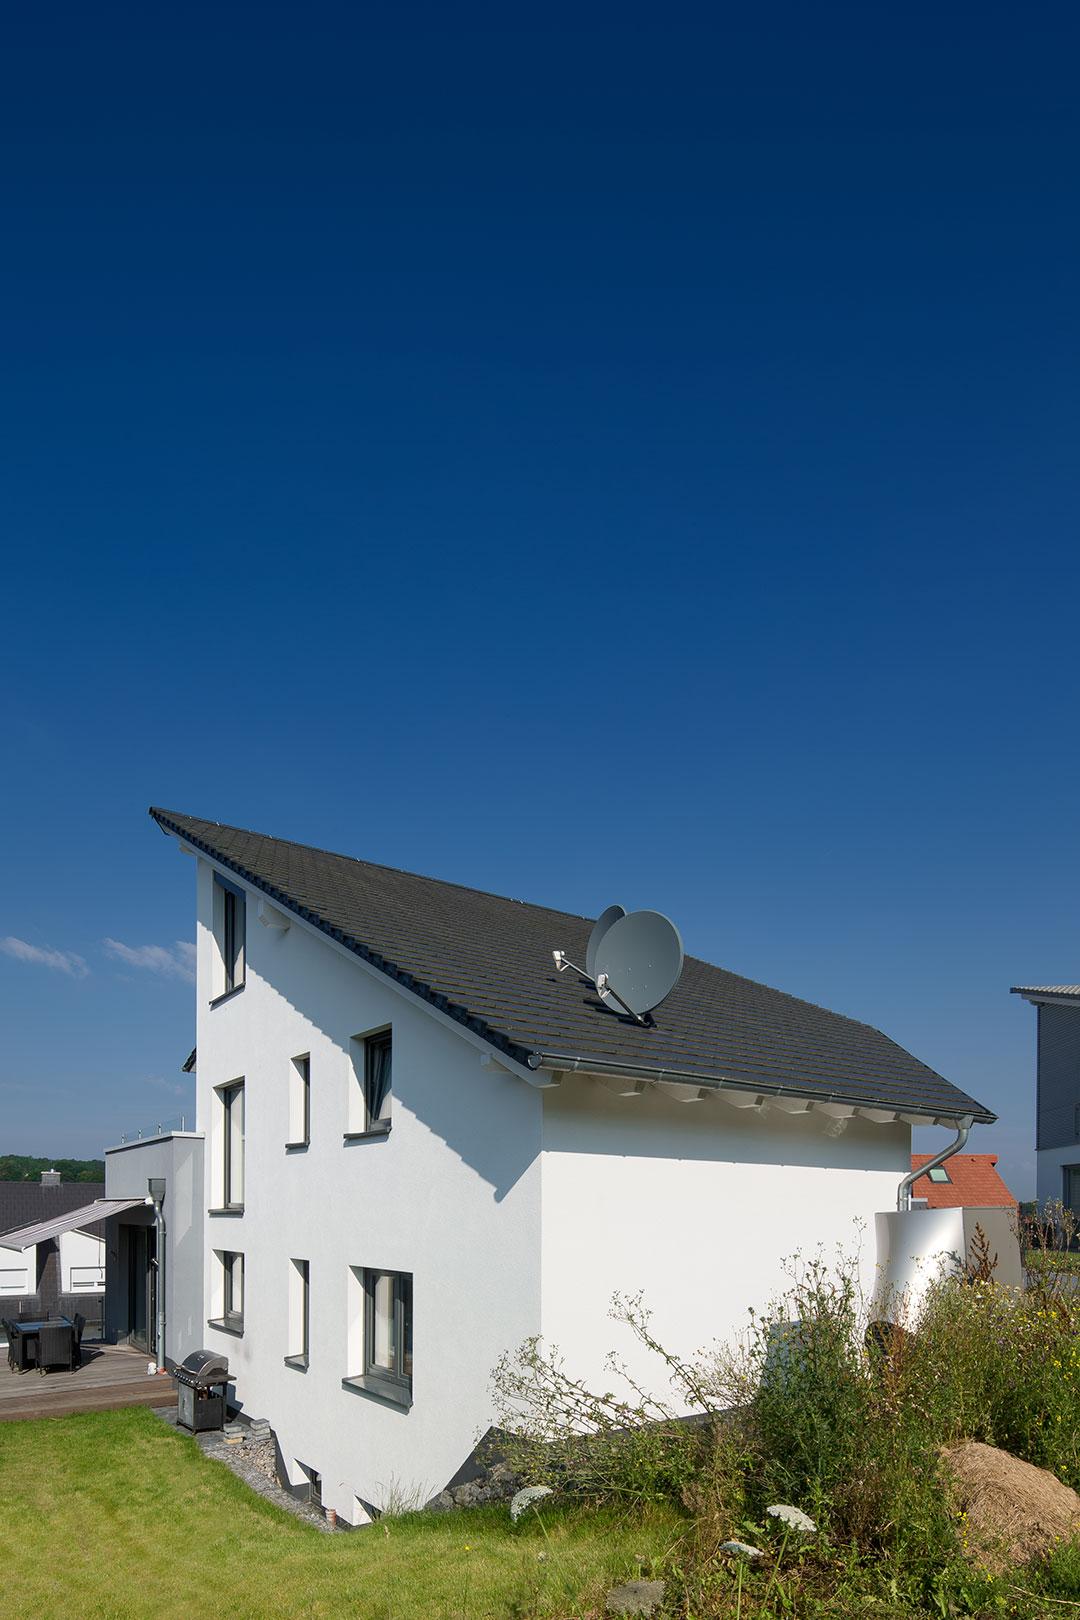 Architekturfotografie: Hausansicht | Foto: Dieter Eikenberg, imprints